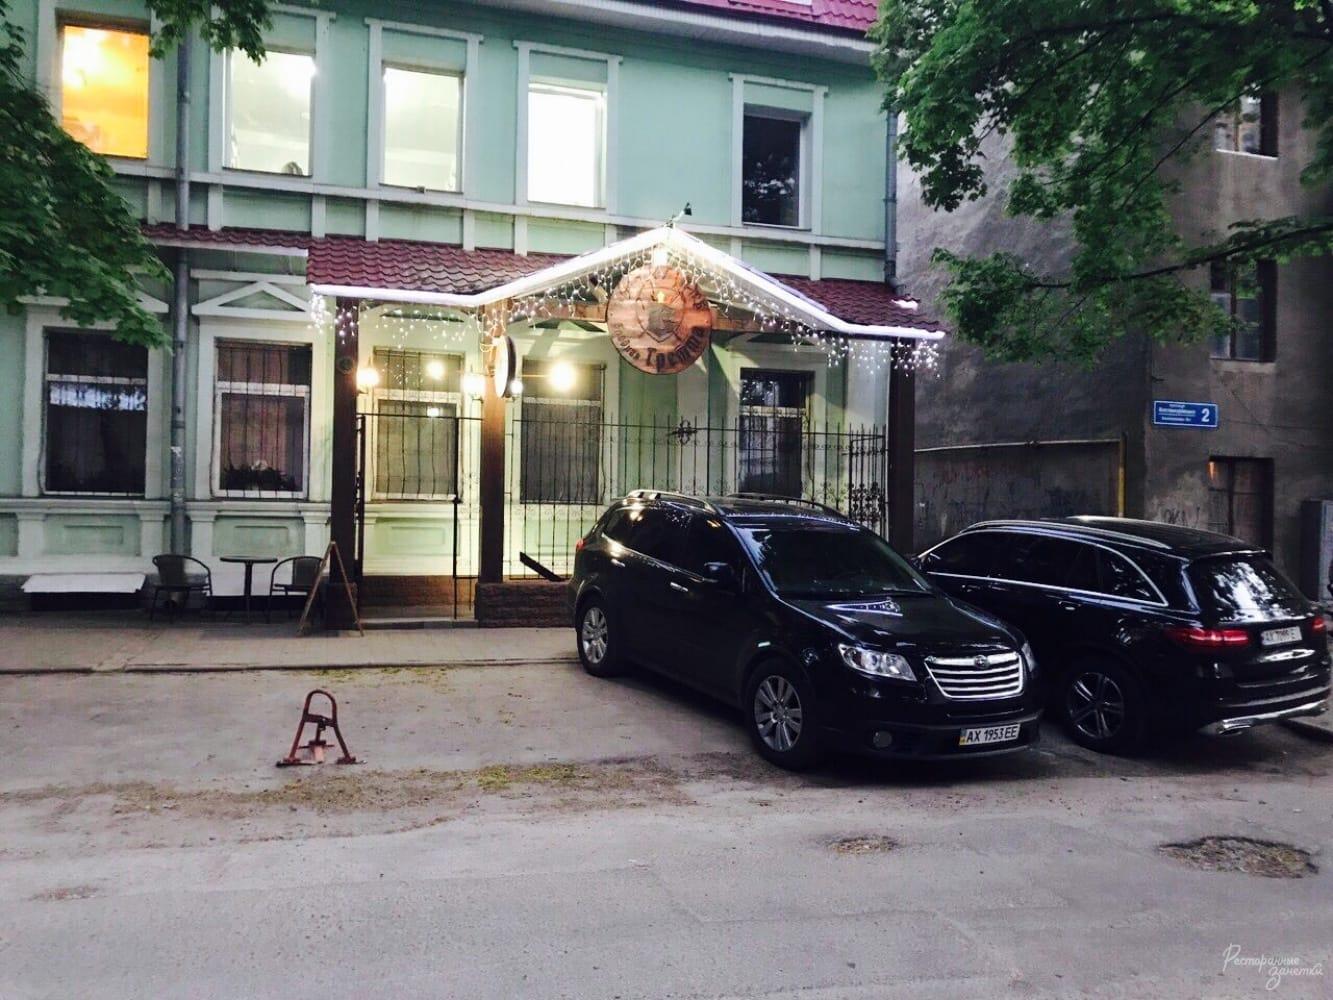 Паб Злобная Гретта бельгийский паб, Харьков